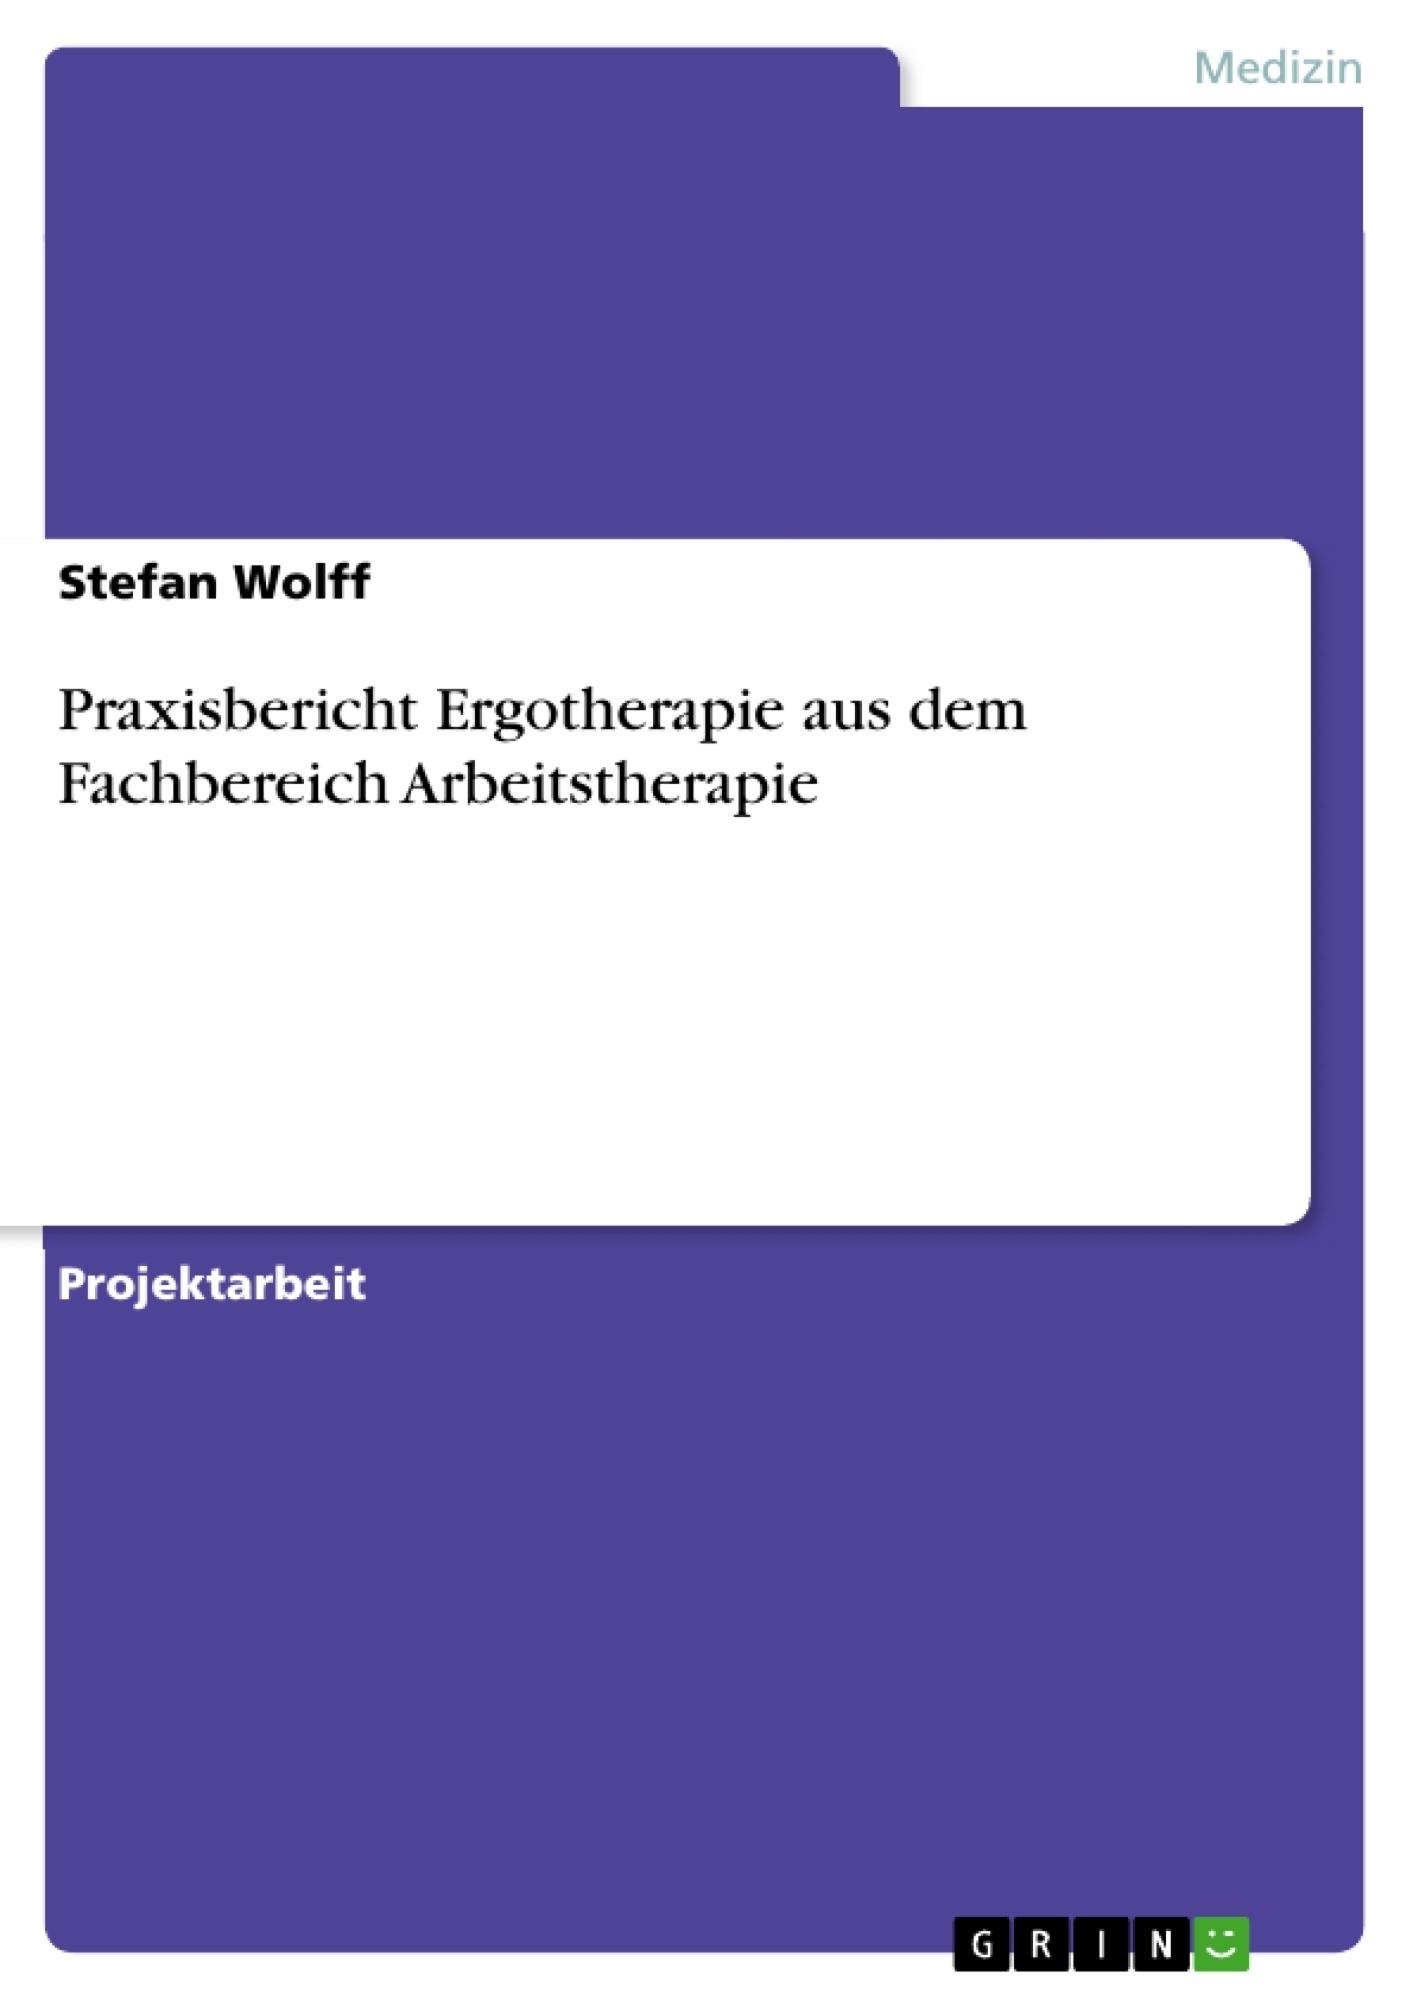 Titel: Praxisbericht Ergotherapie aus dem Fachbereich Arbeitstherapie